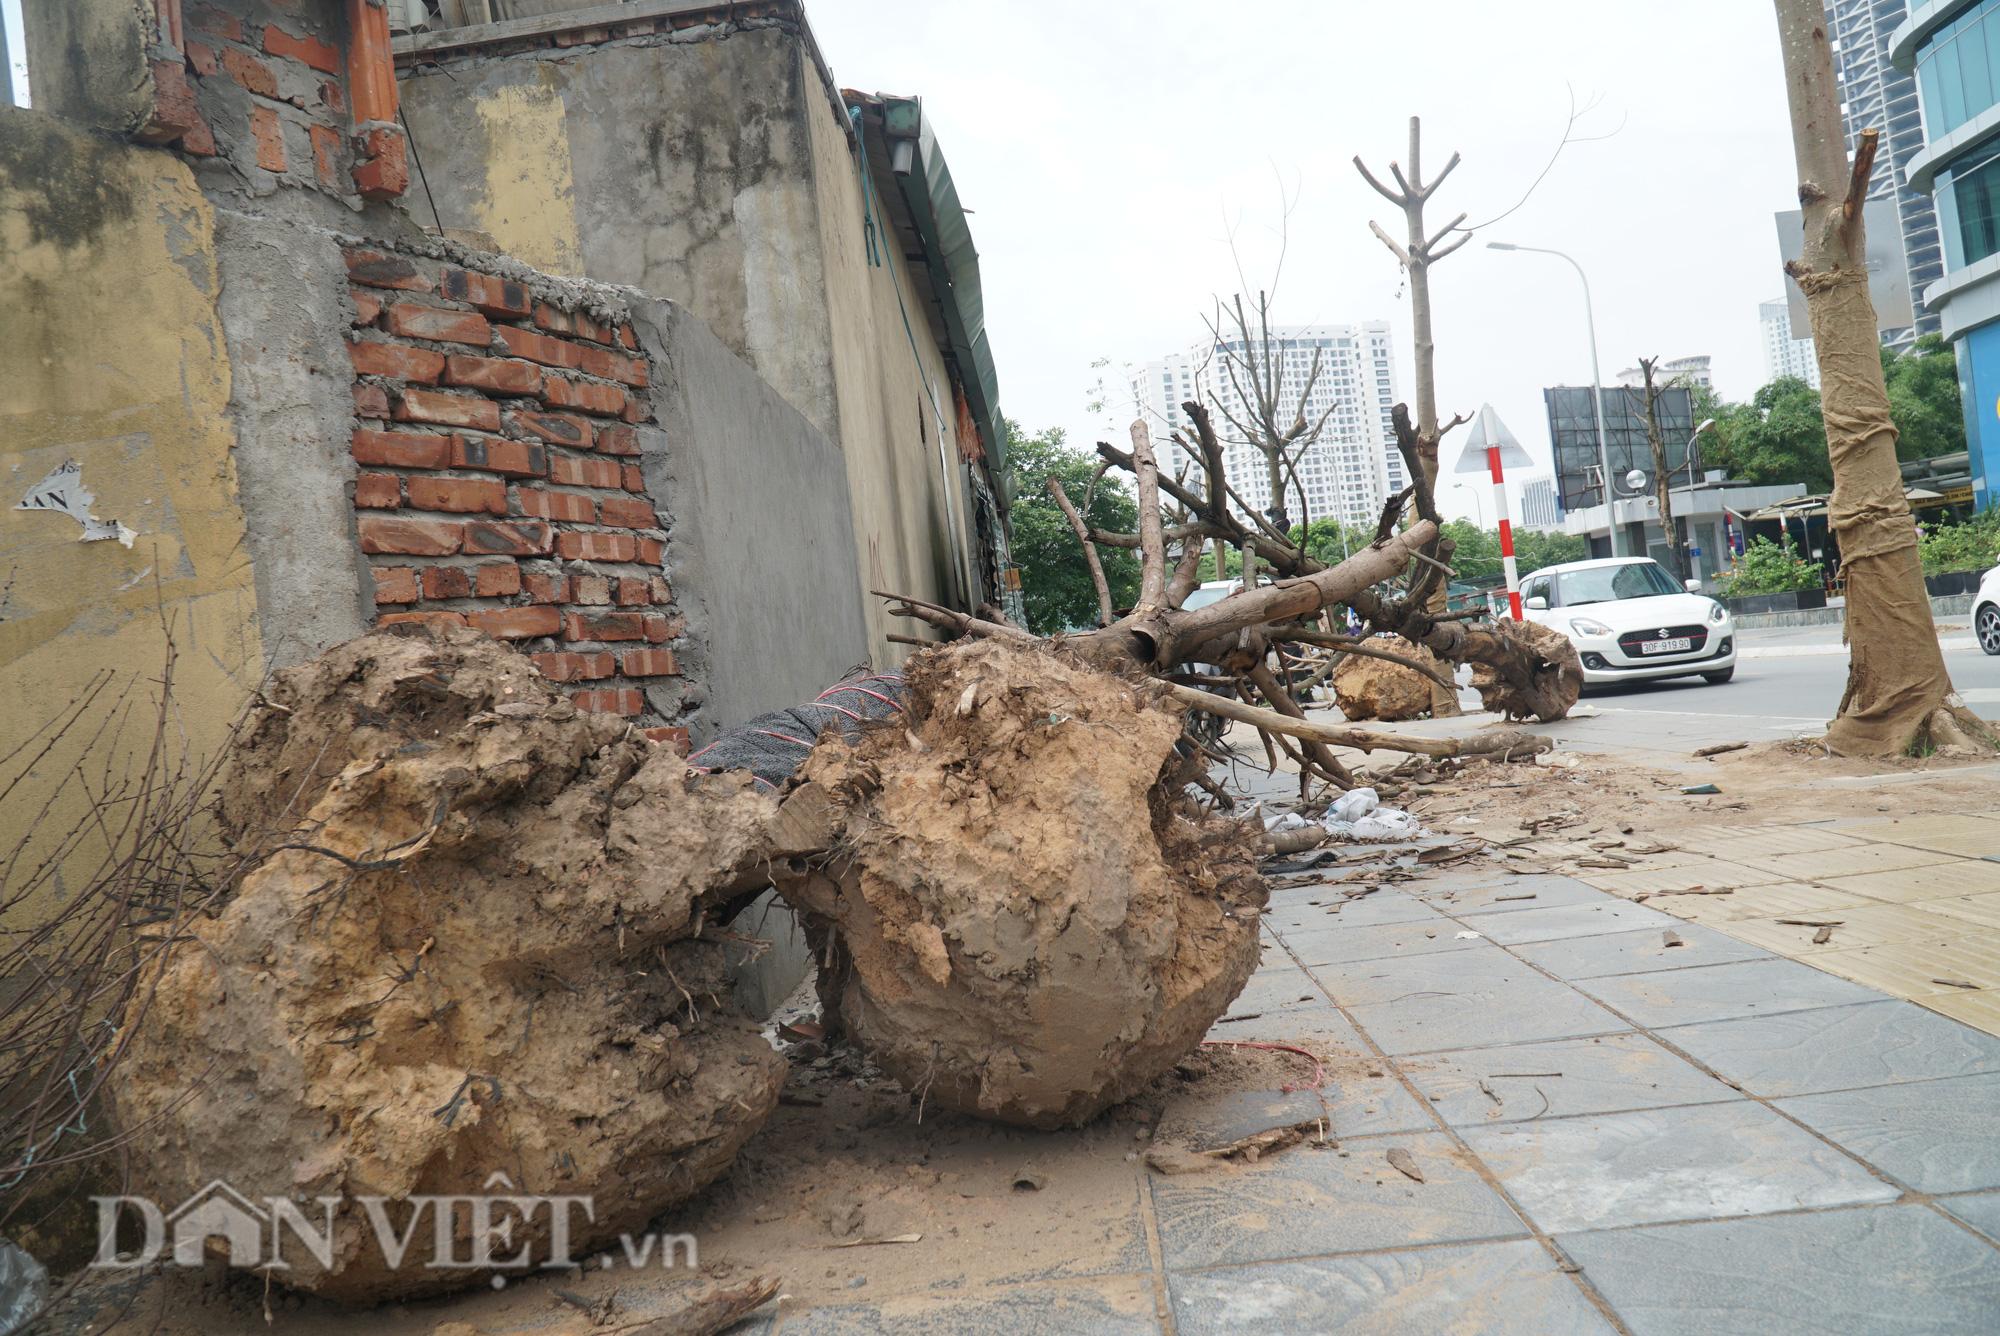 Ẩn hoạ đến từ những cây xanh chết khô trên đường phố Hà Nội - Ảnh 7.